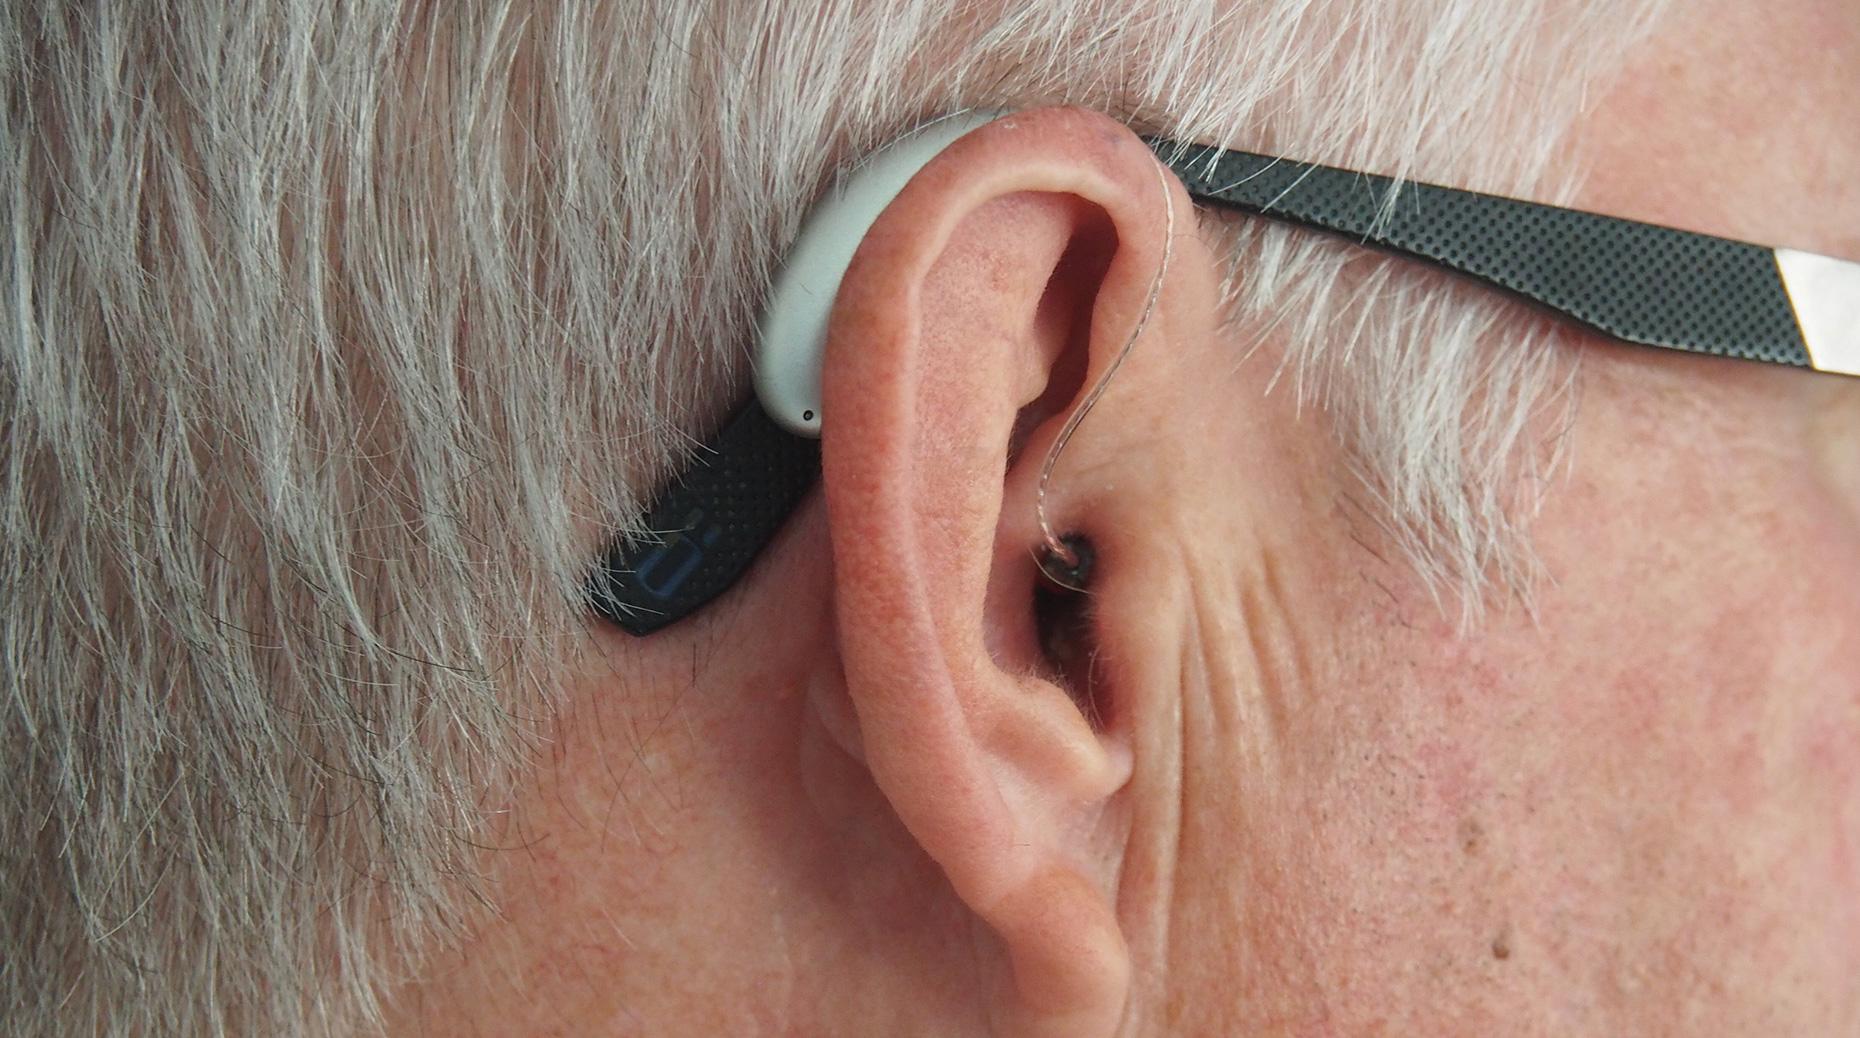 100% santé : Polémique autour des audioprothèses de classe 2